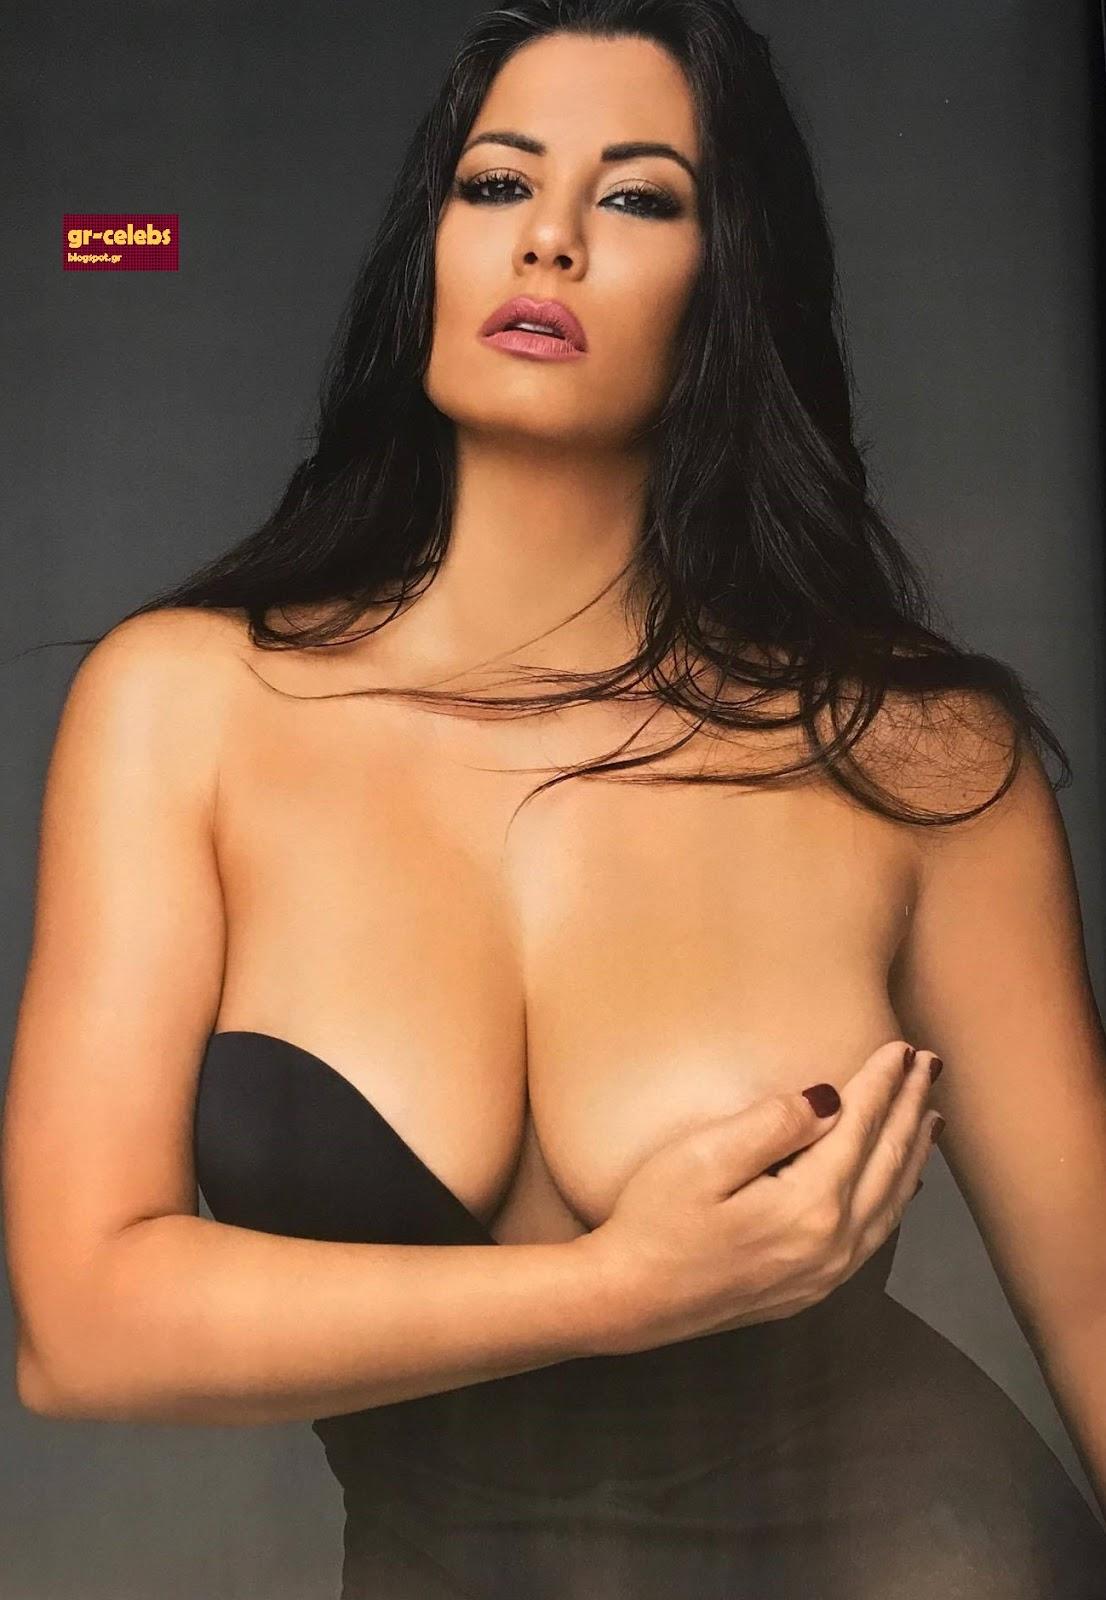 Ελληνίδες Celebrities : Η Μαρία Αναστασοπούλου σε sexy